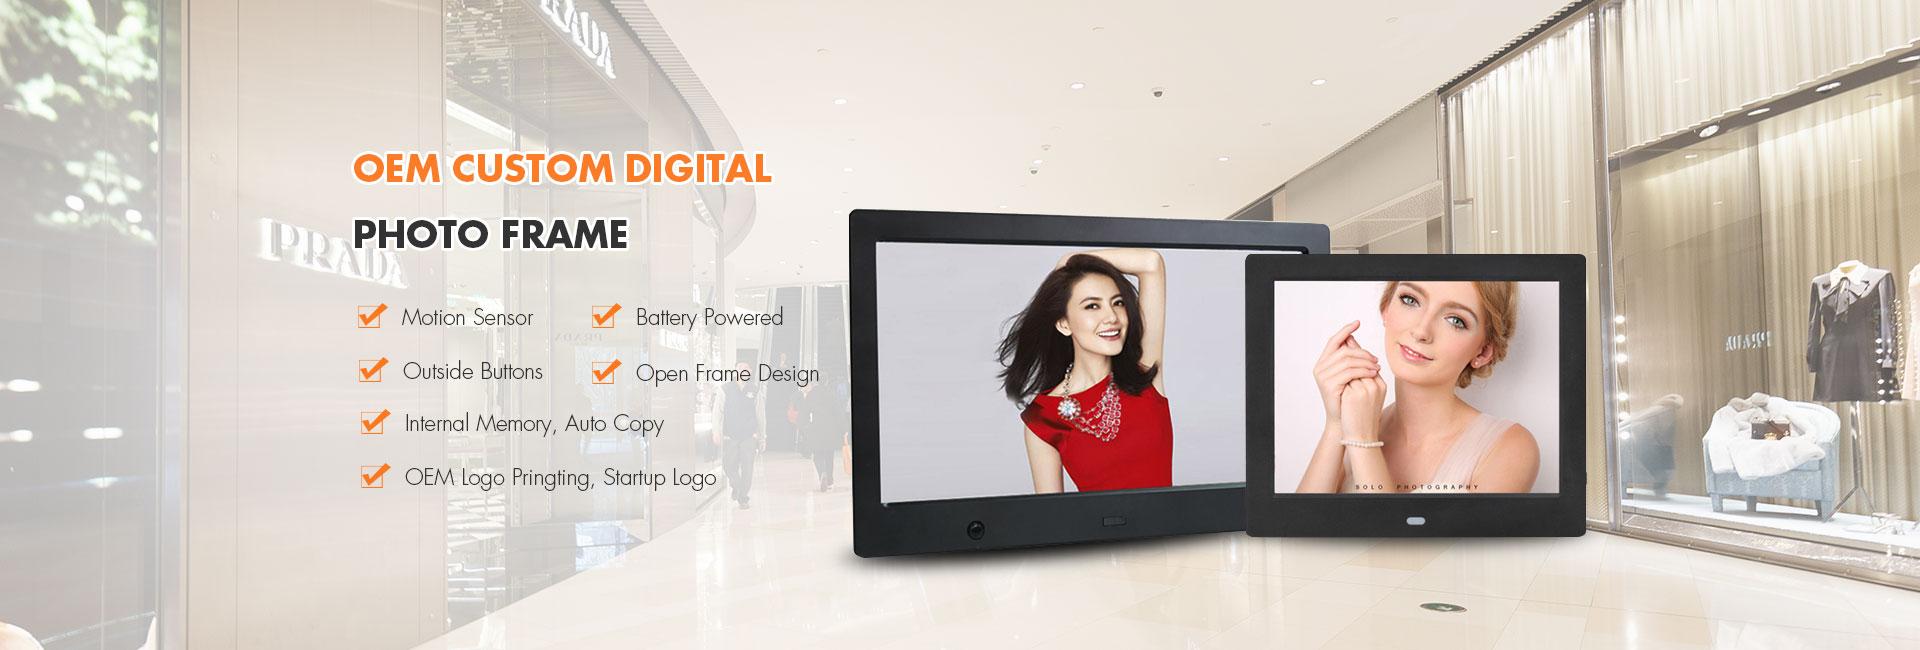 OEM Custom Digital Photo Frame